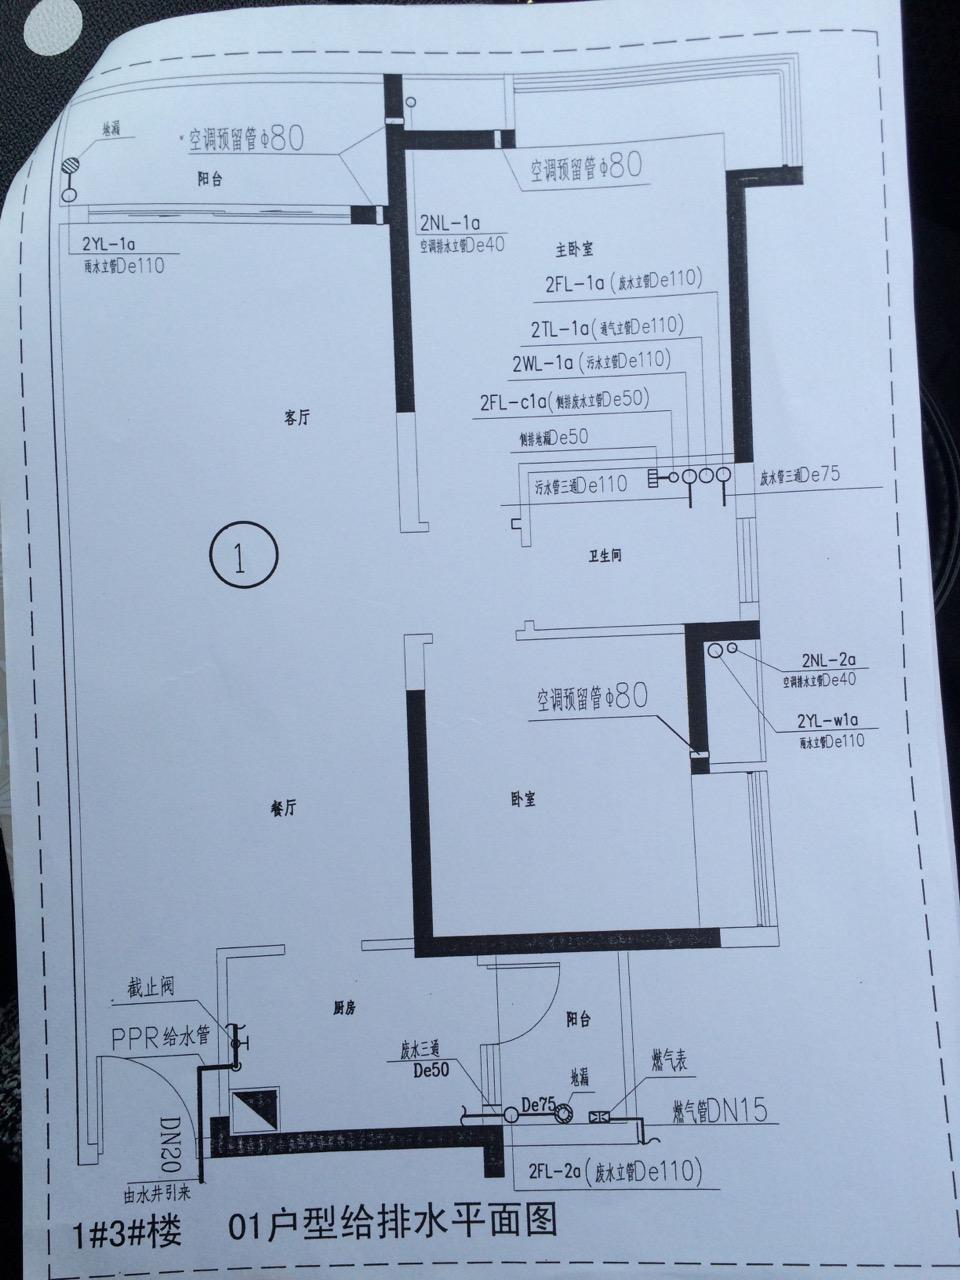 高埗装修公司《房屋水电安装设计图及房屋装修设计平面步骤》